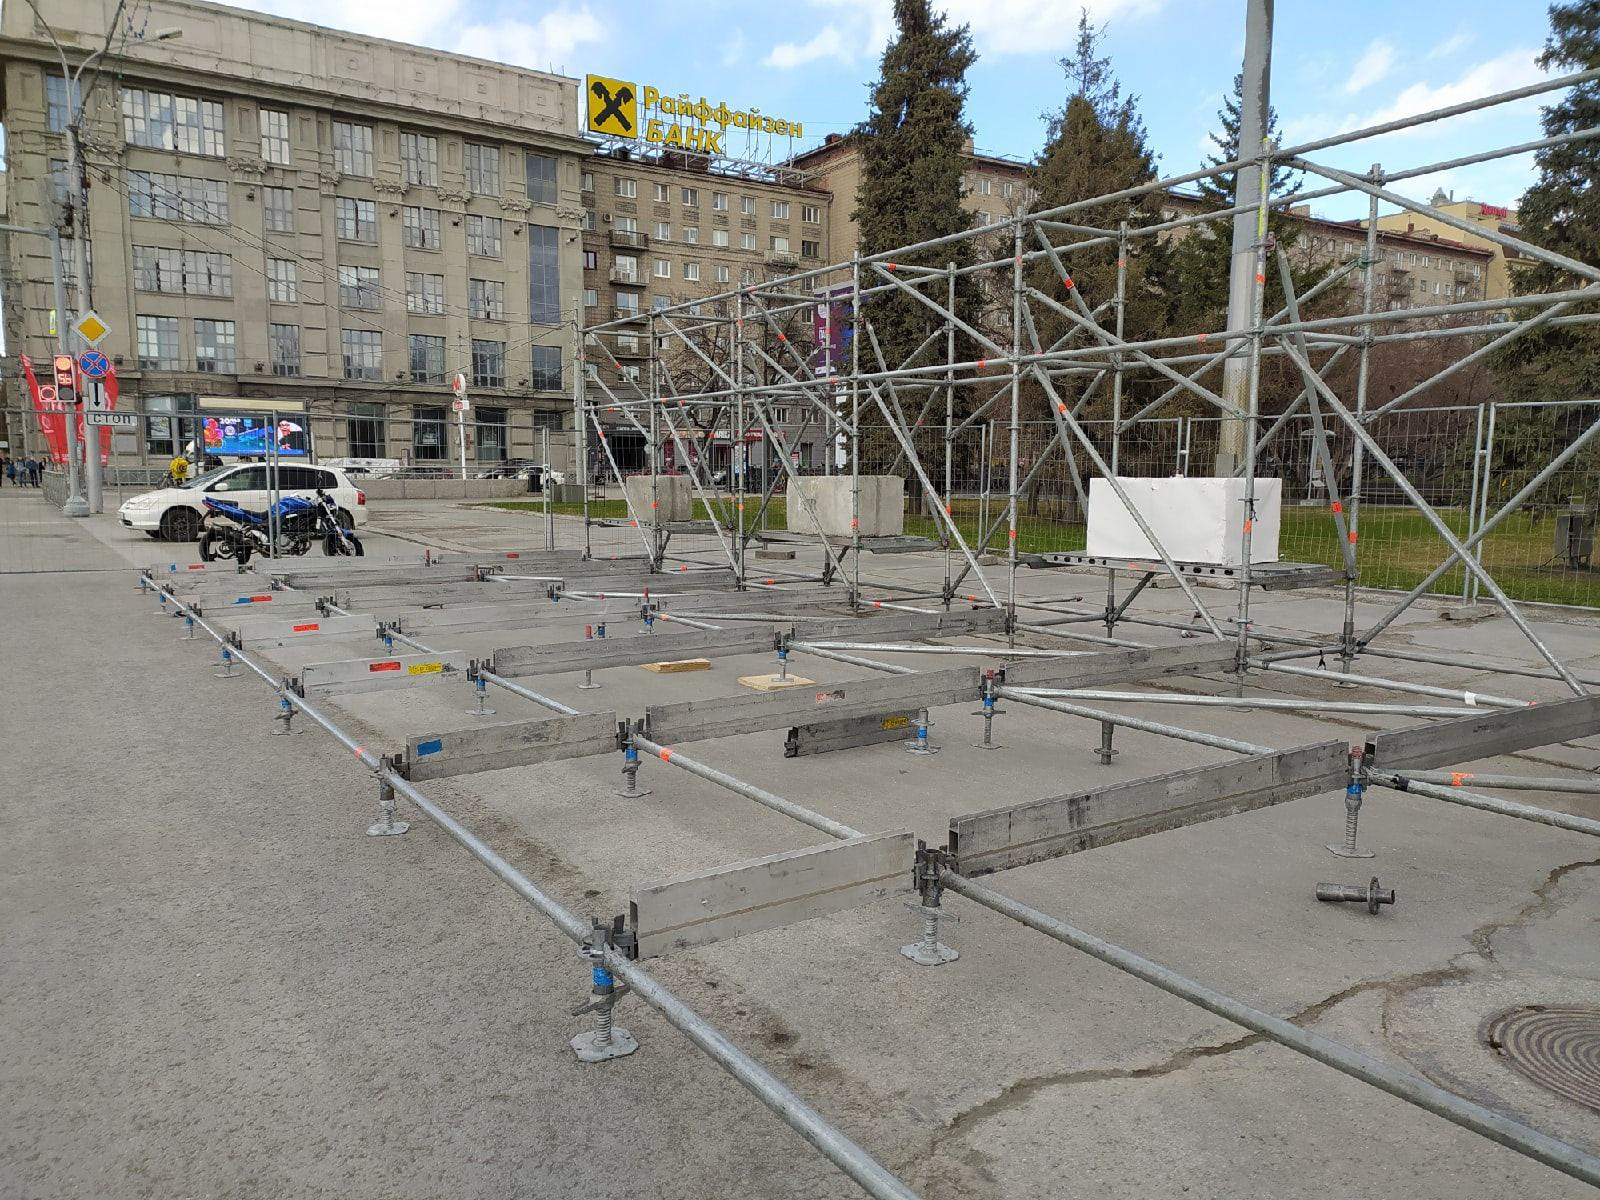 Фото В Новосибирске начали собирать сцену к параду Победы 9 мая 6